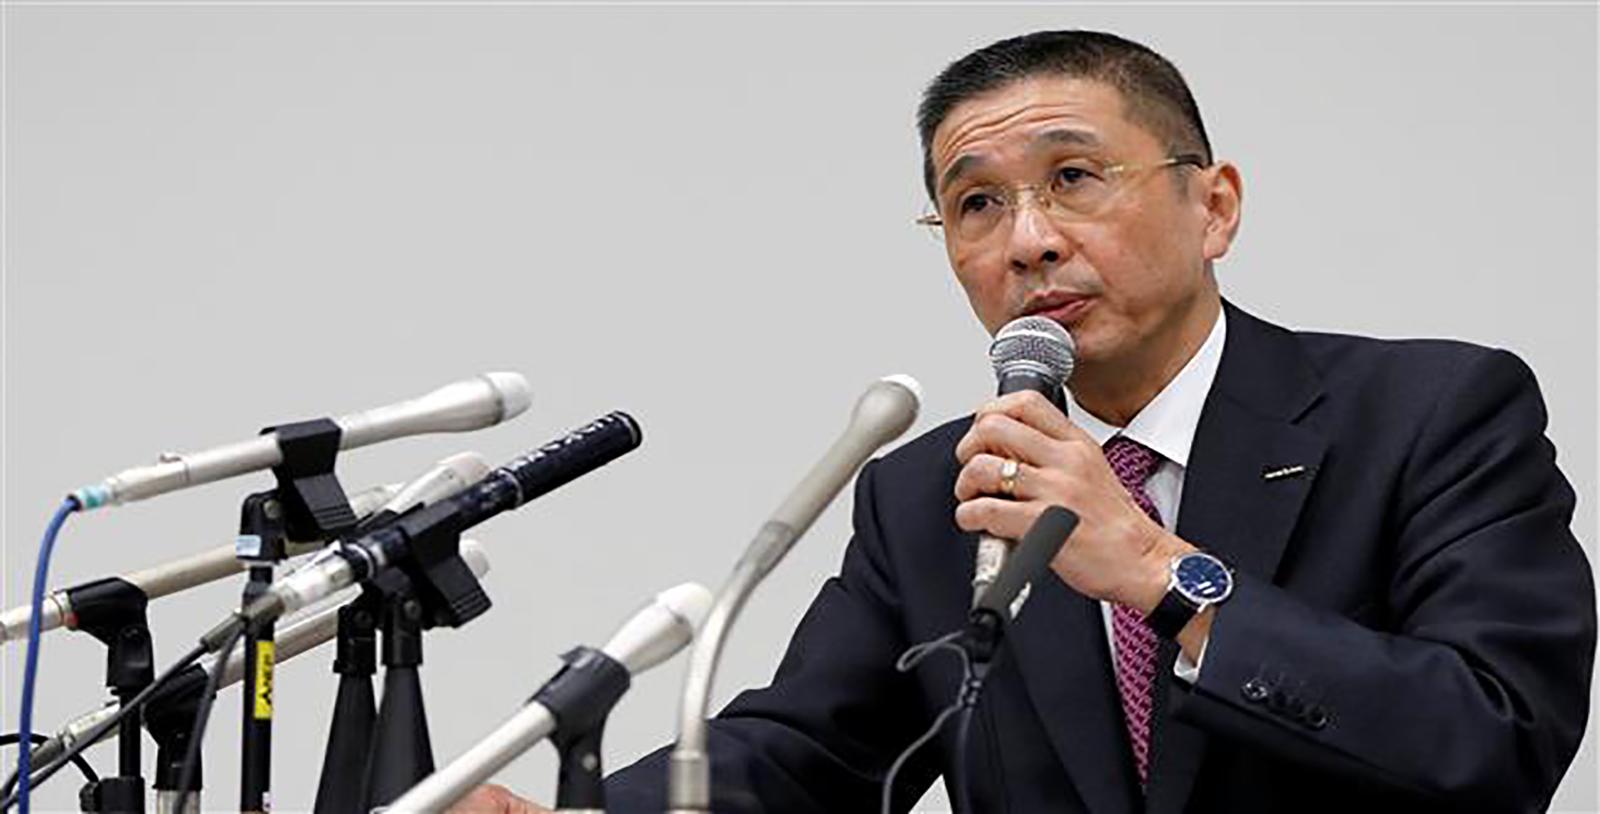 Hiroto Saikawa donne une conférence de presse le soir du 19 novembre. Copyright : Reuters